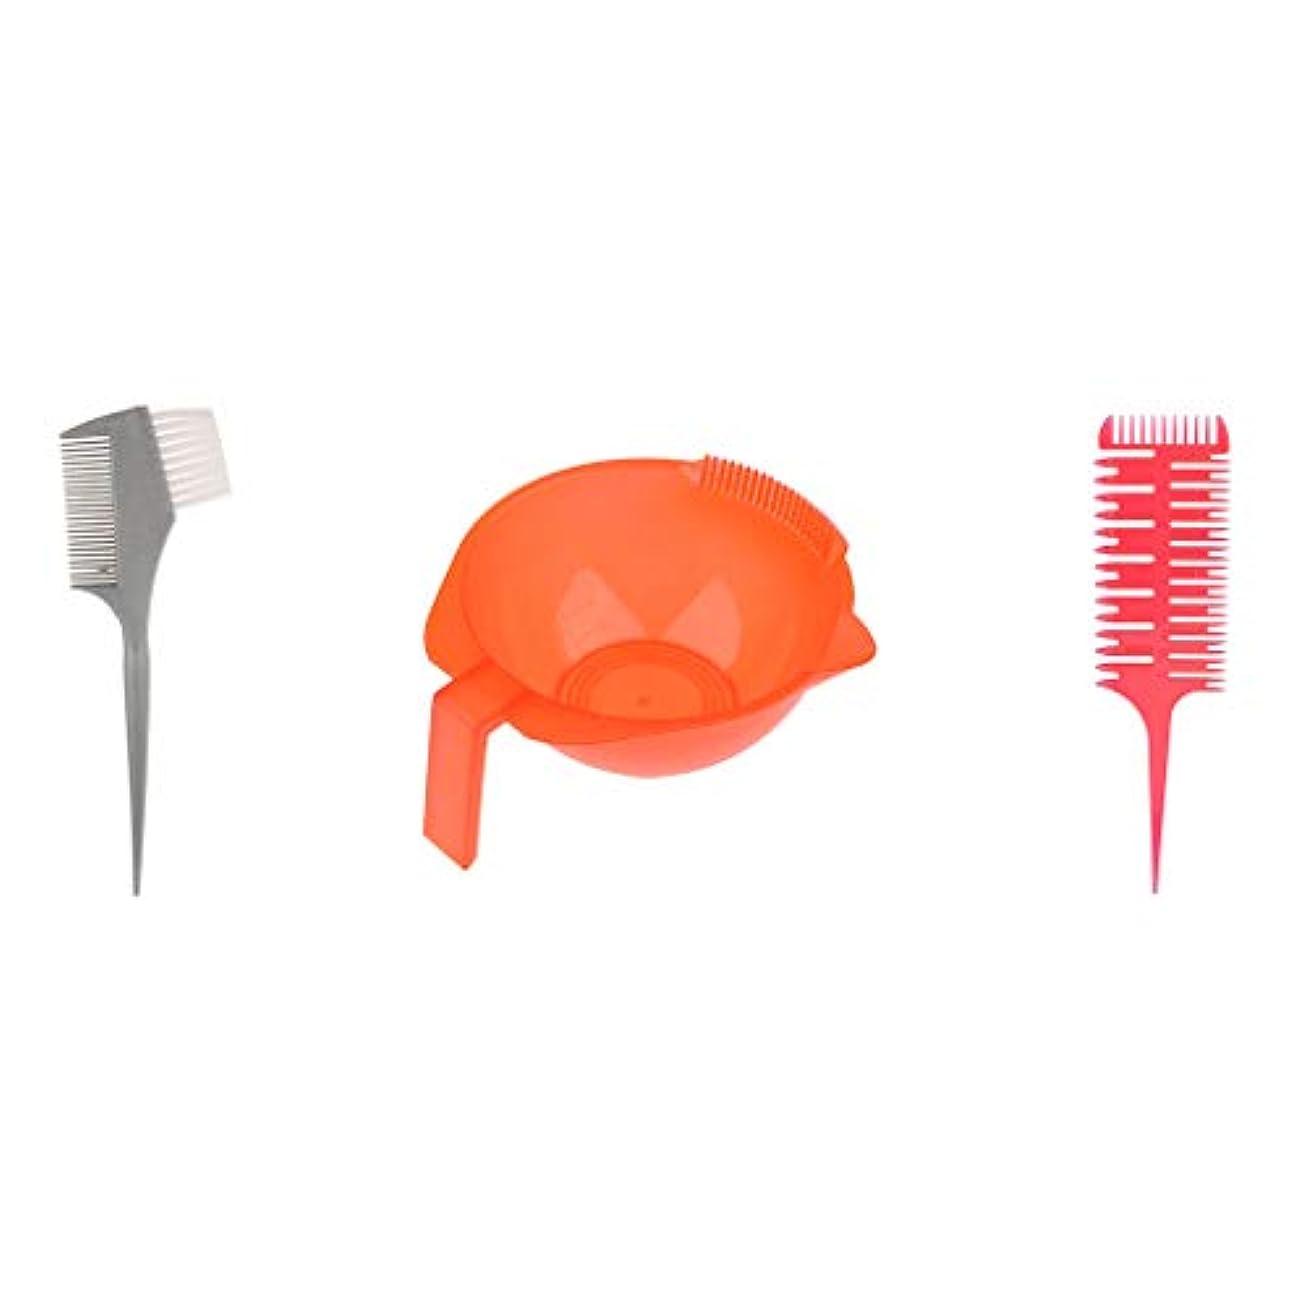 目の前の焦がす米国CUTICATE ヘアダイブラシ プロ用 へアカラーセット DIY髪染め用 サロン美髪師用 ヘアカラーの用具ボウル付き